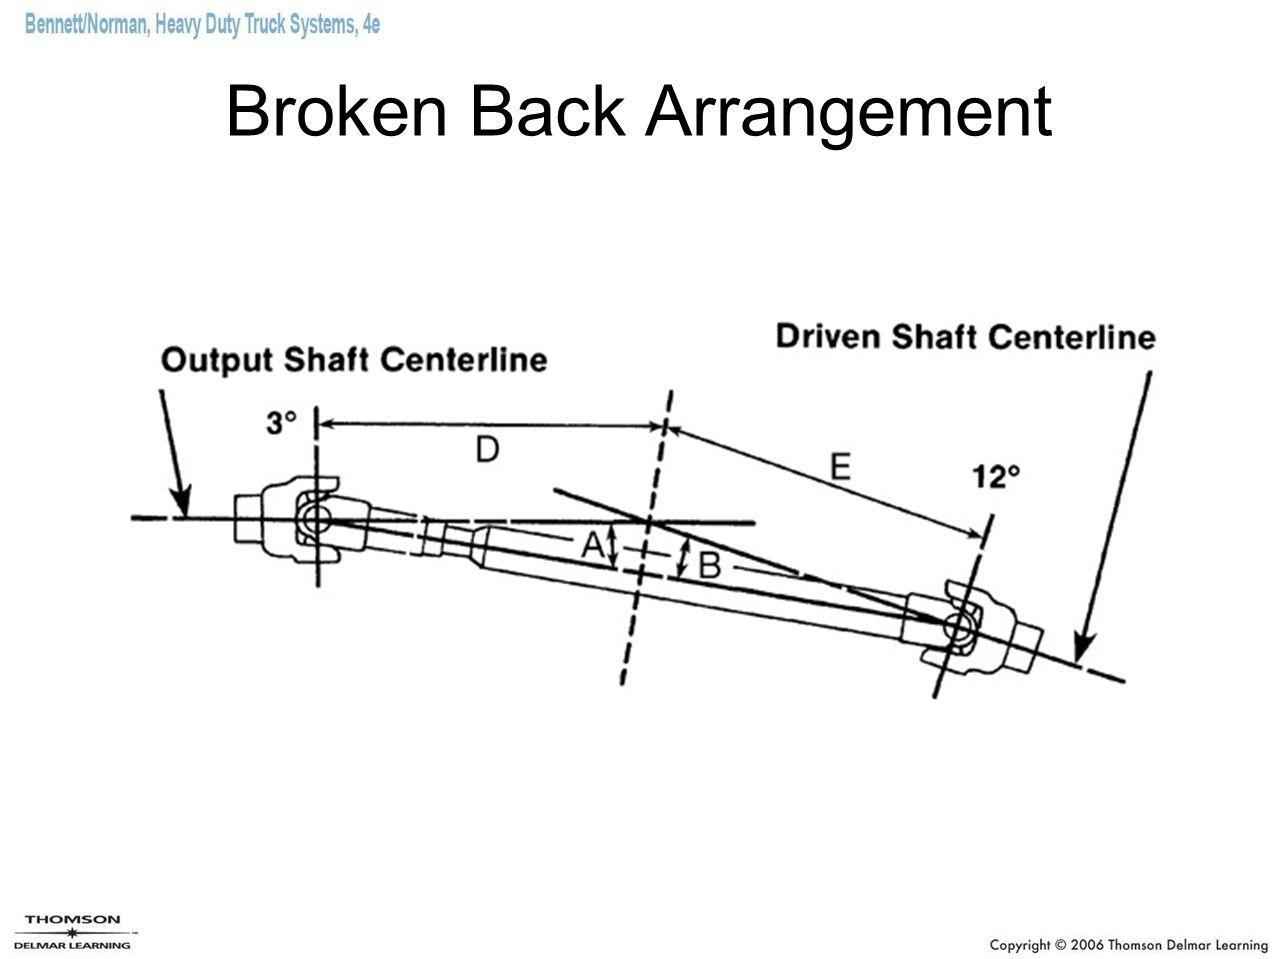 Broken Back Arrangement